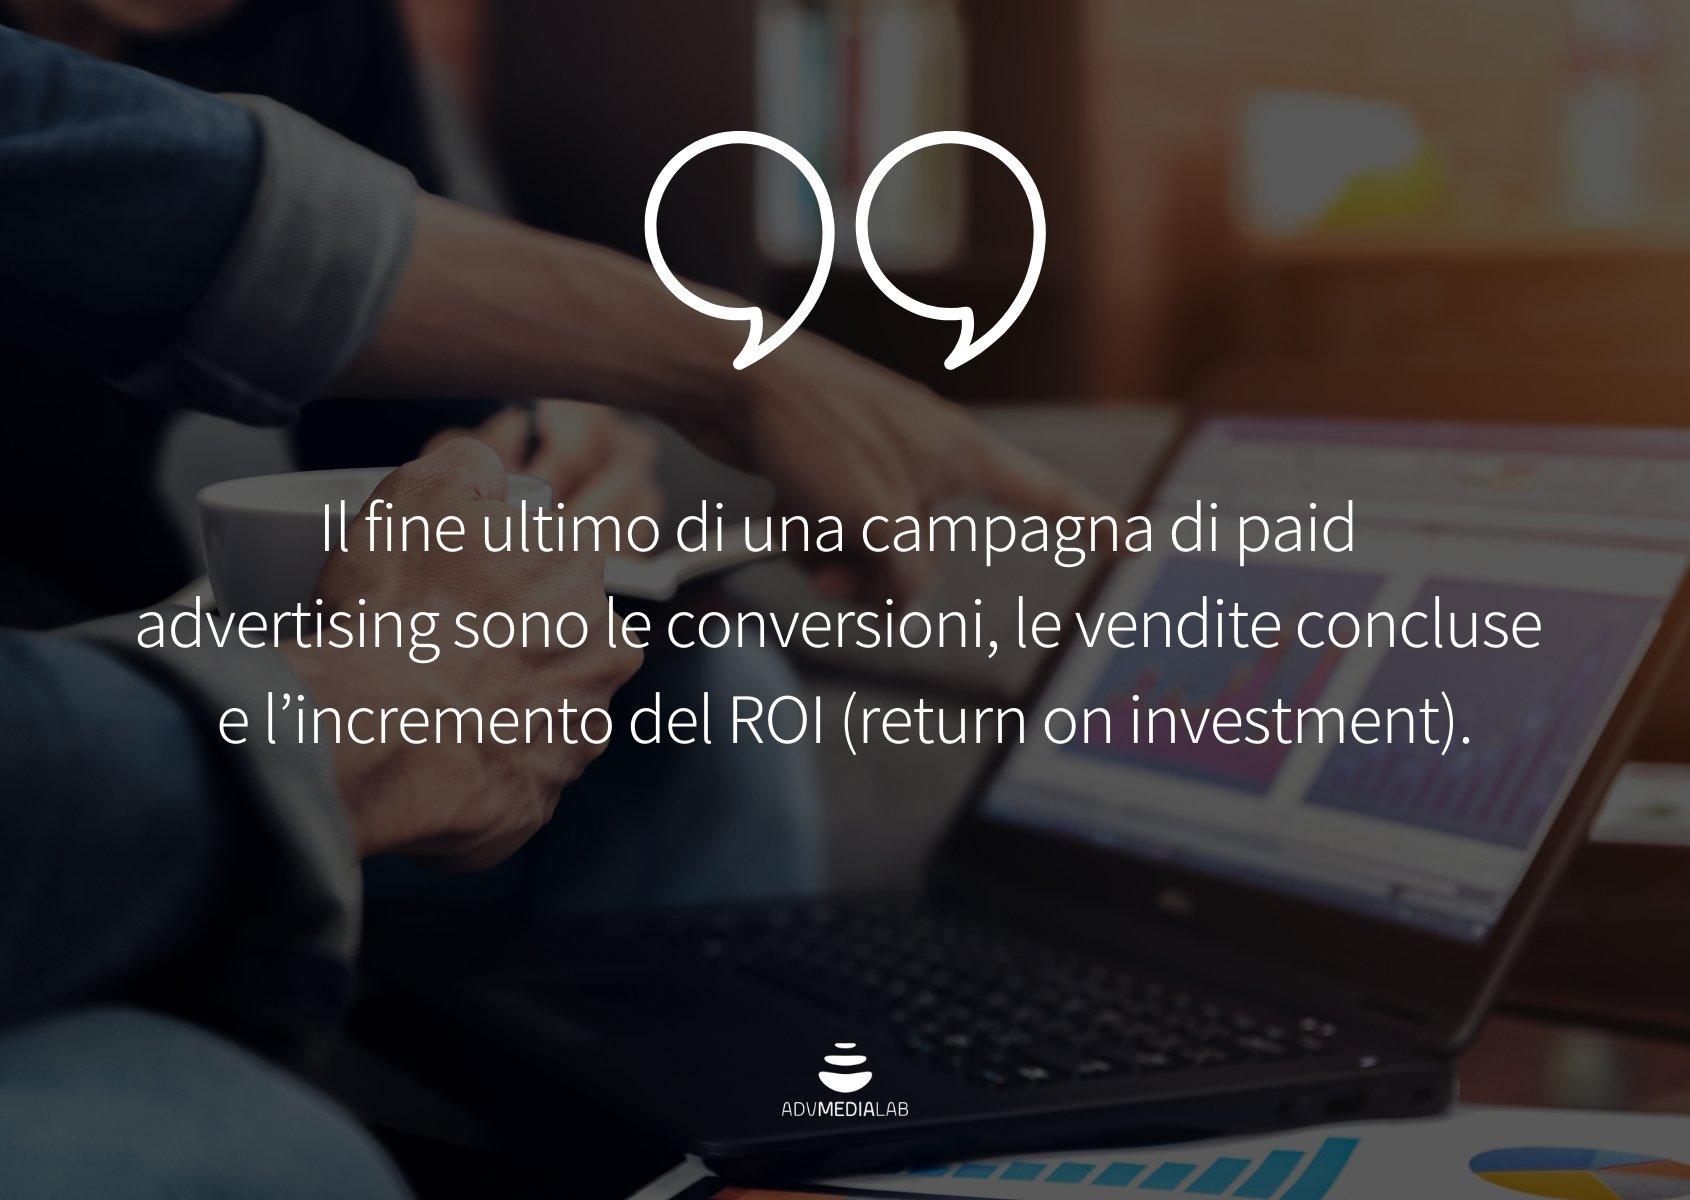 Citazione: Il fine ultimo di una campagna di paid advertising sono le conversioni, le vendite concluse e l'incremento del ROI (return on investment).